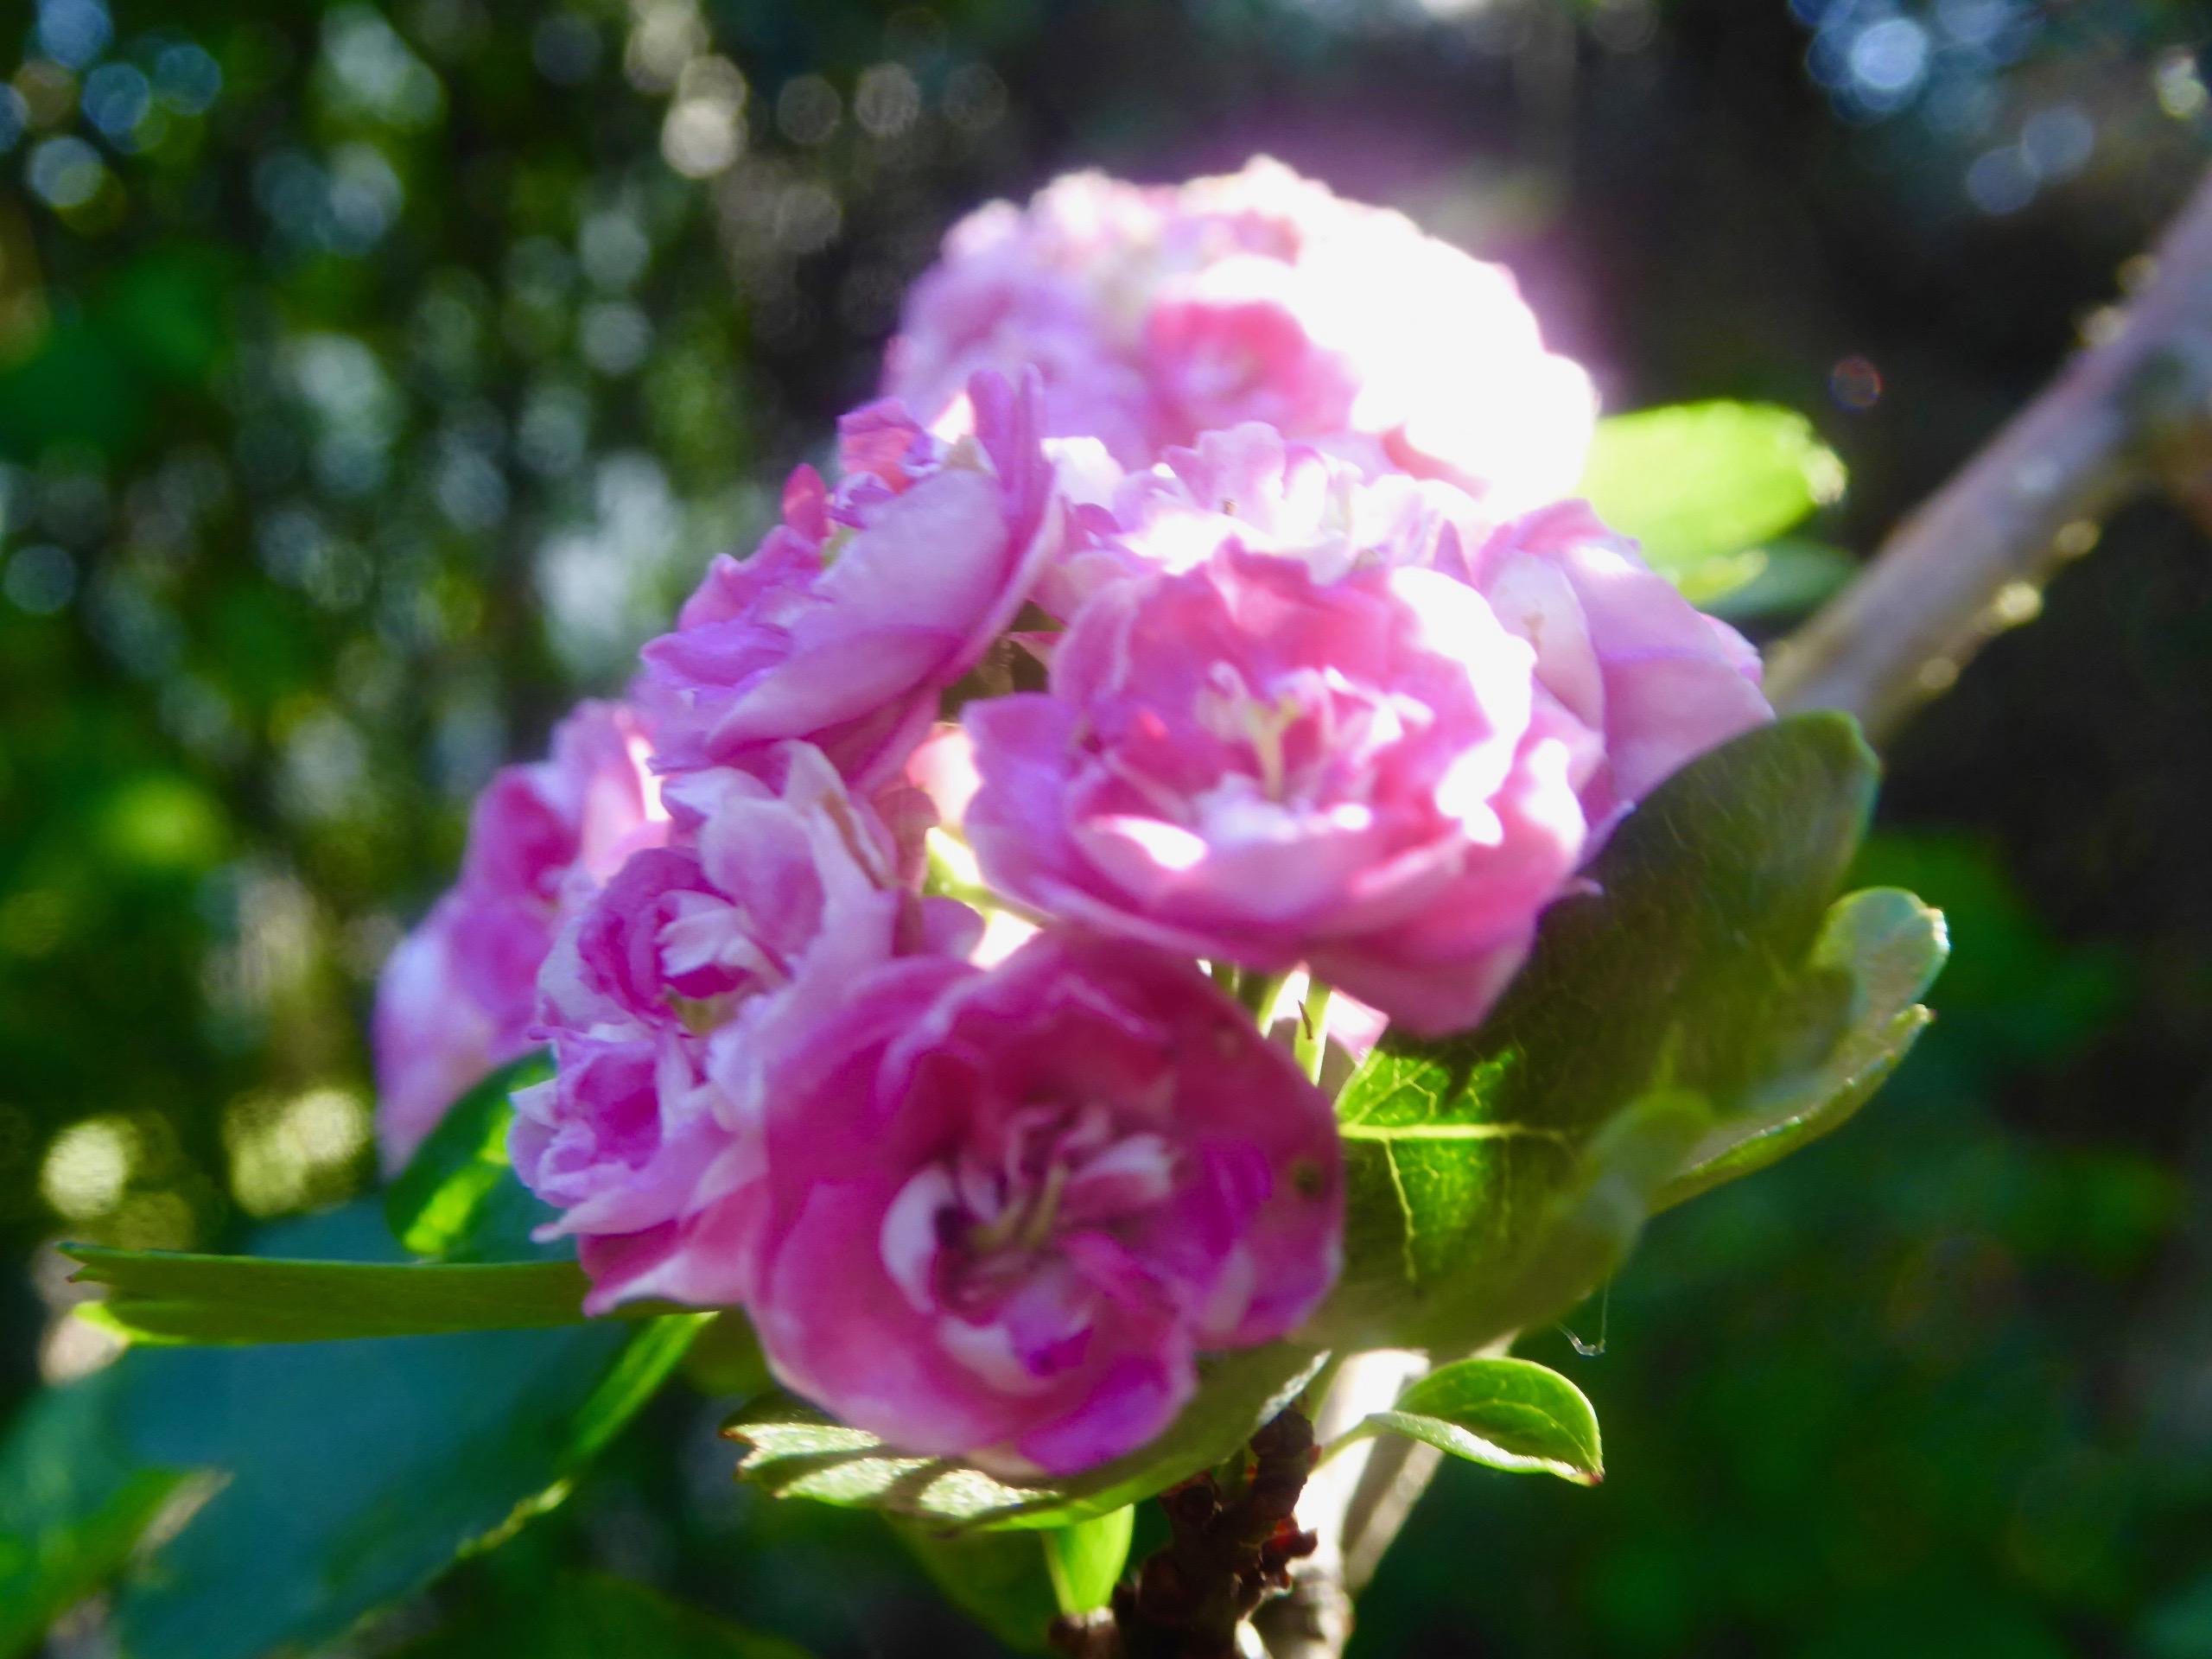 Toujours des fleurs du jardin! - sylvietoutcourt